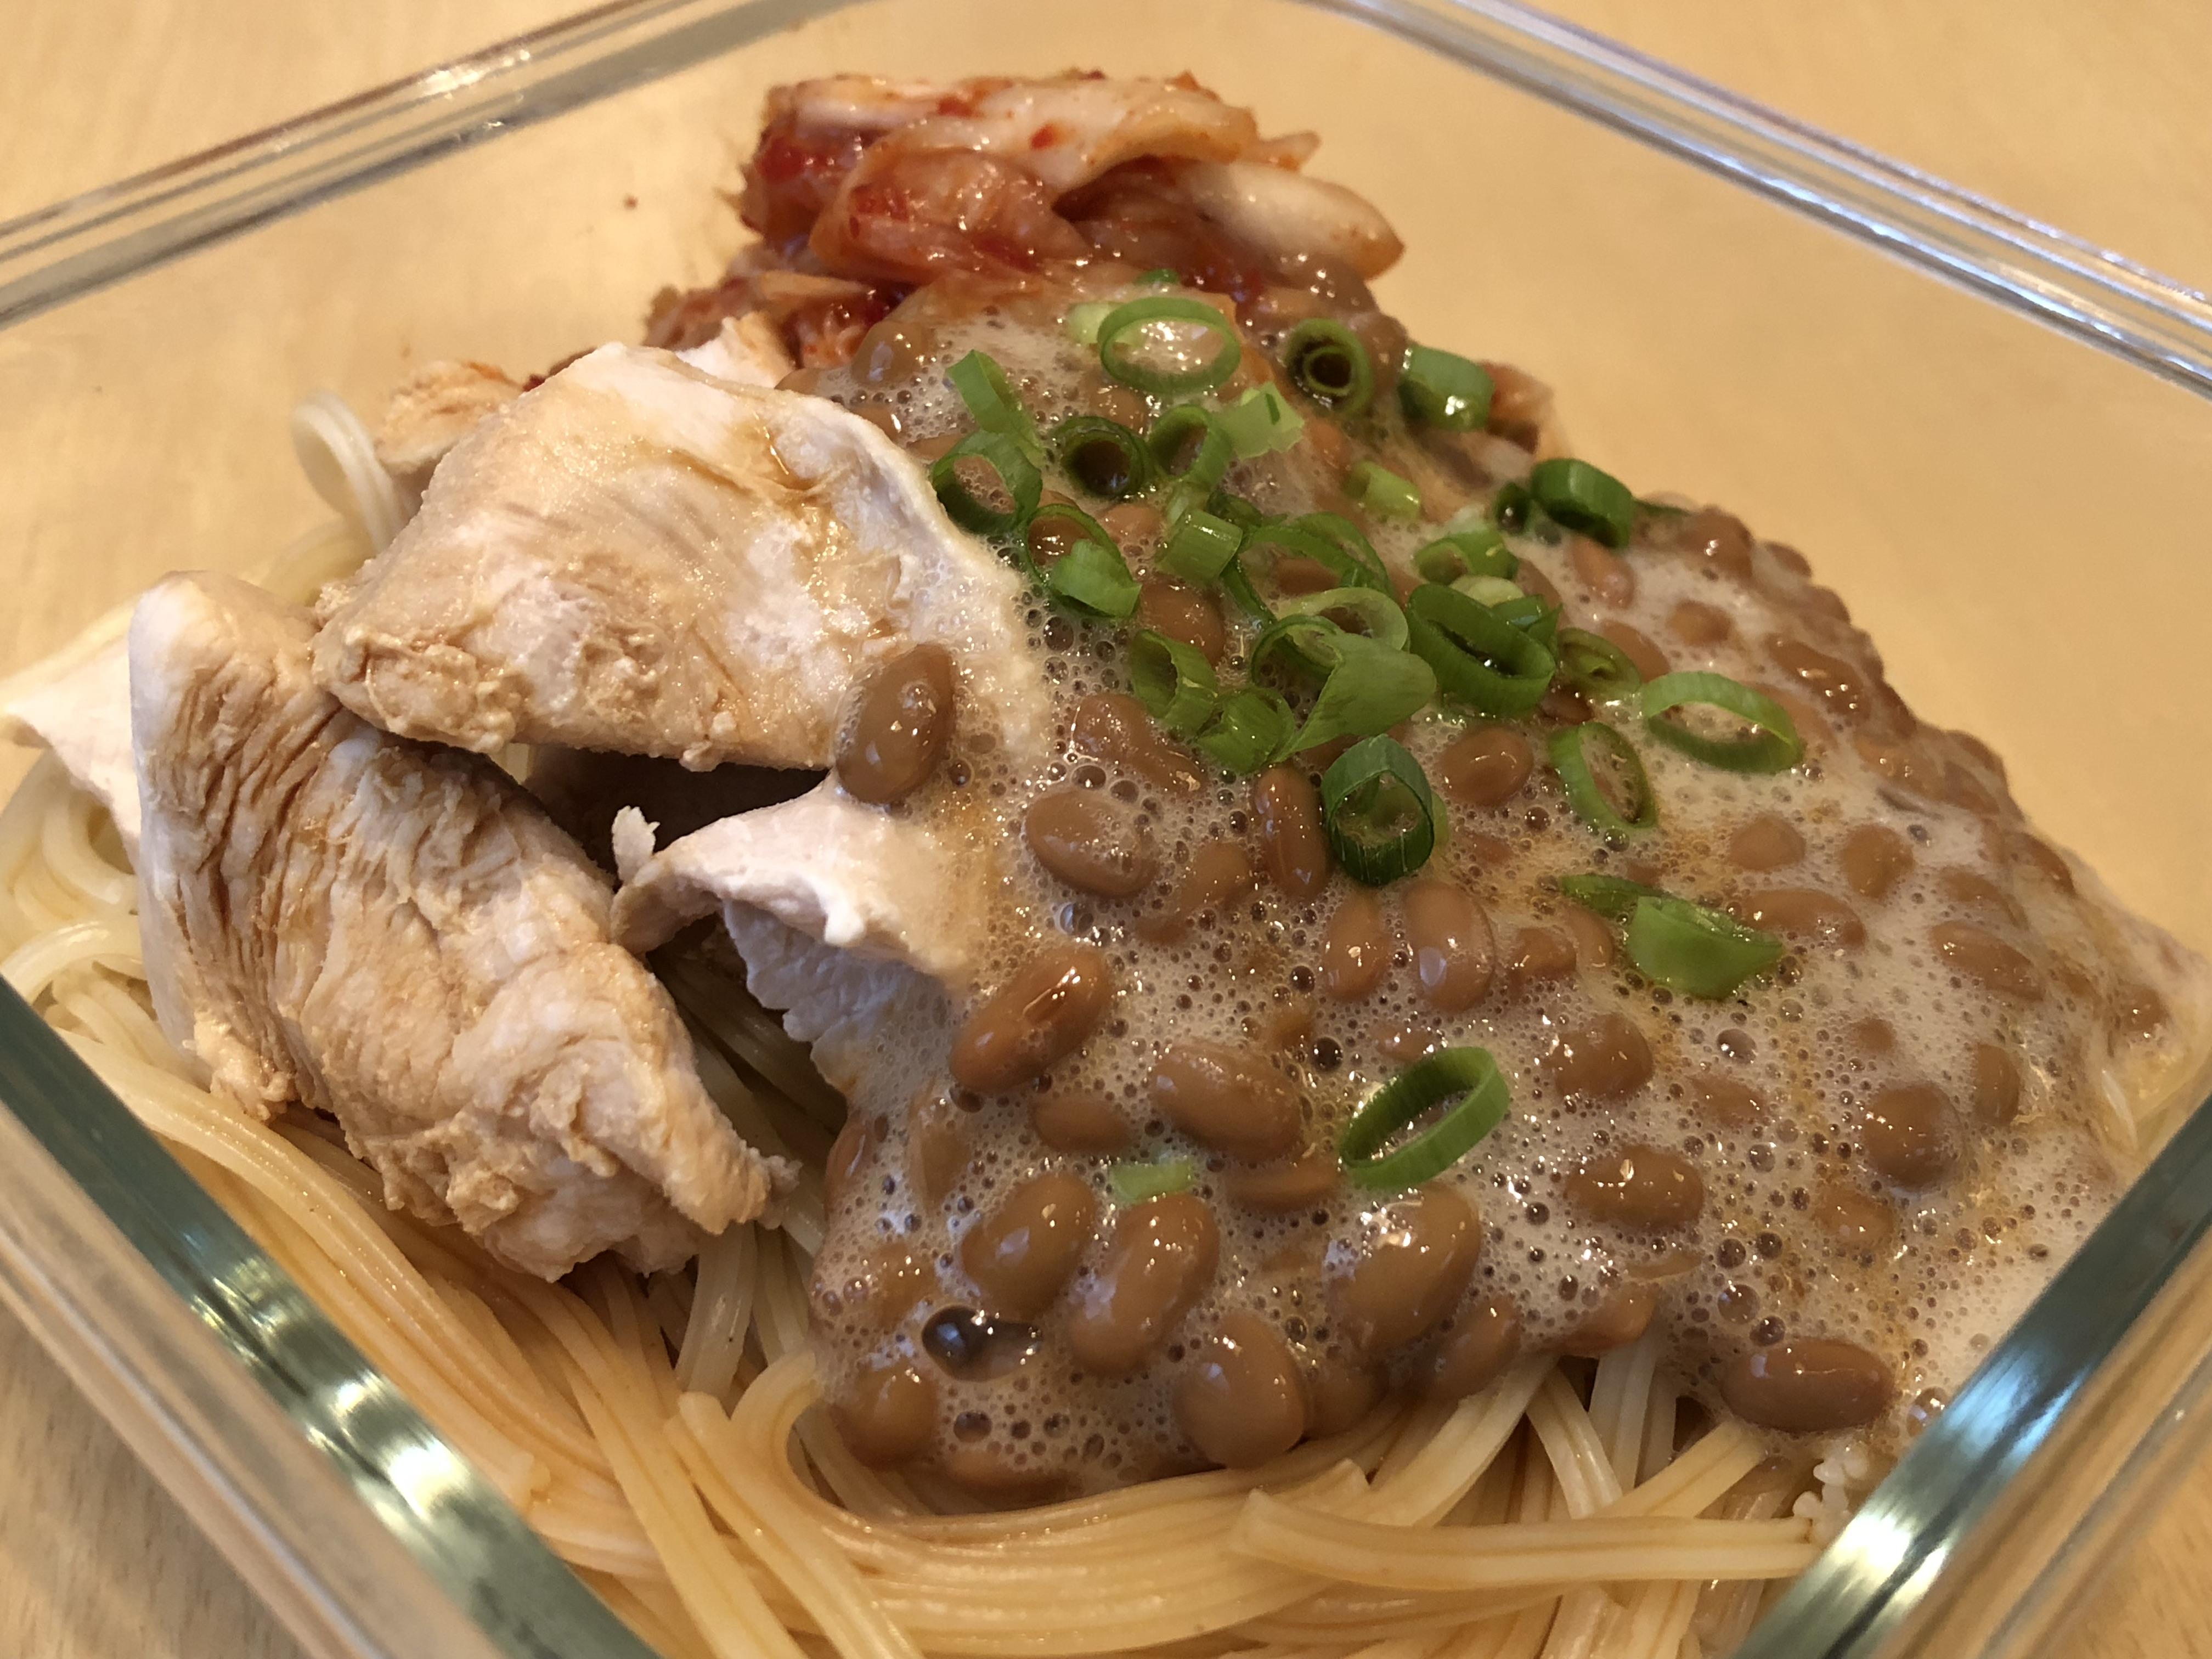 茹でた鶏胸肉 + 納豆・キムチ + 醤油少々 + 温泉卵